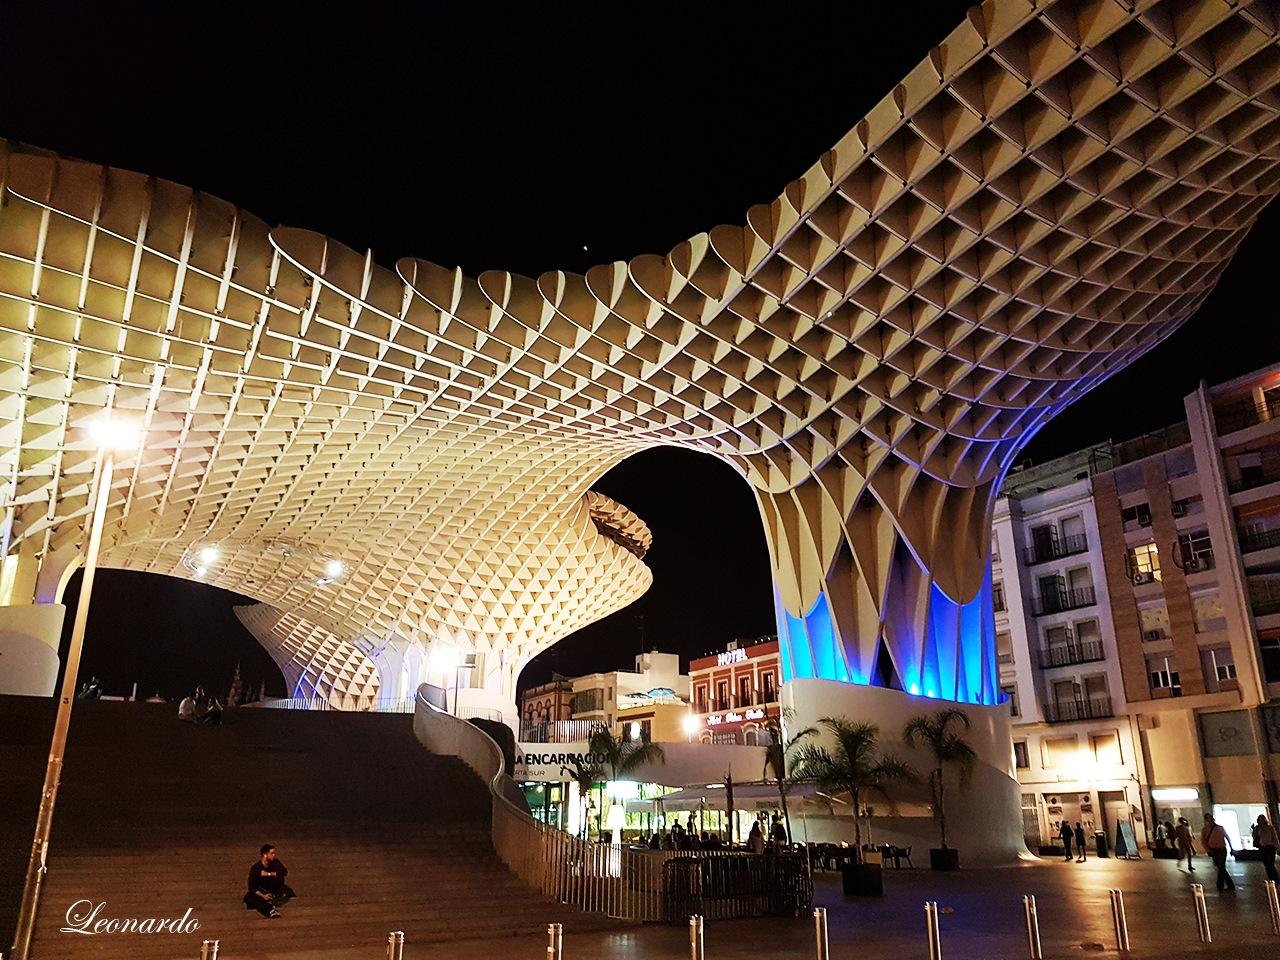 Sevilla -Metropol Parasol  by gravinall